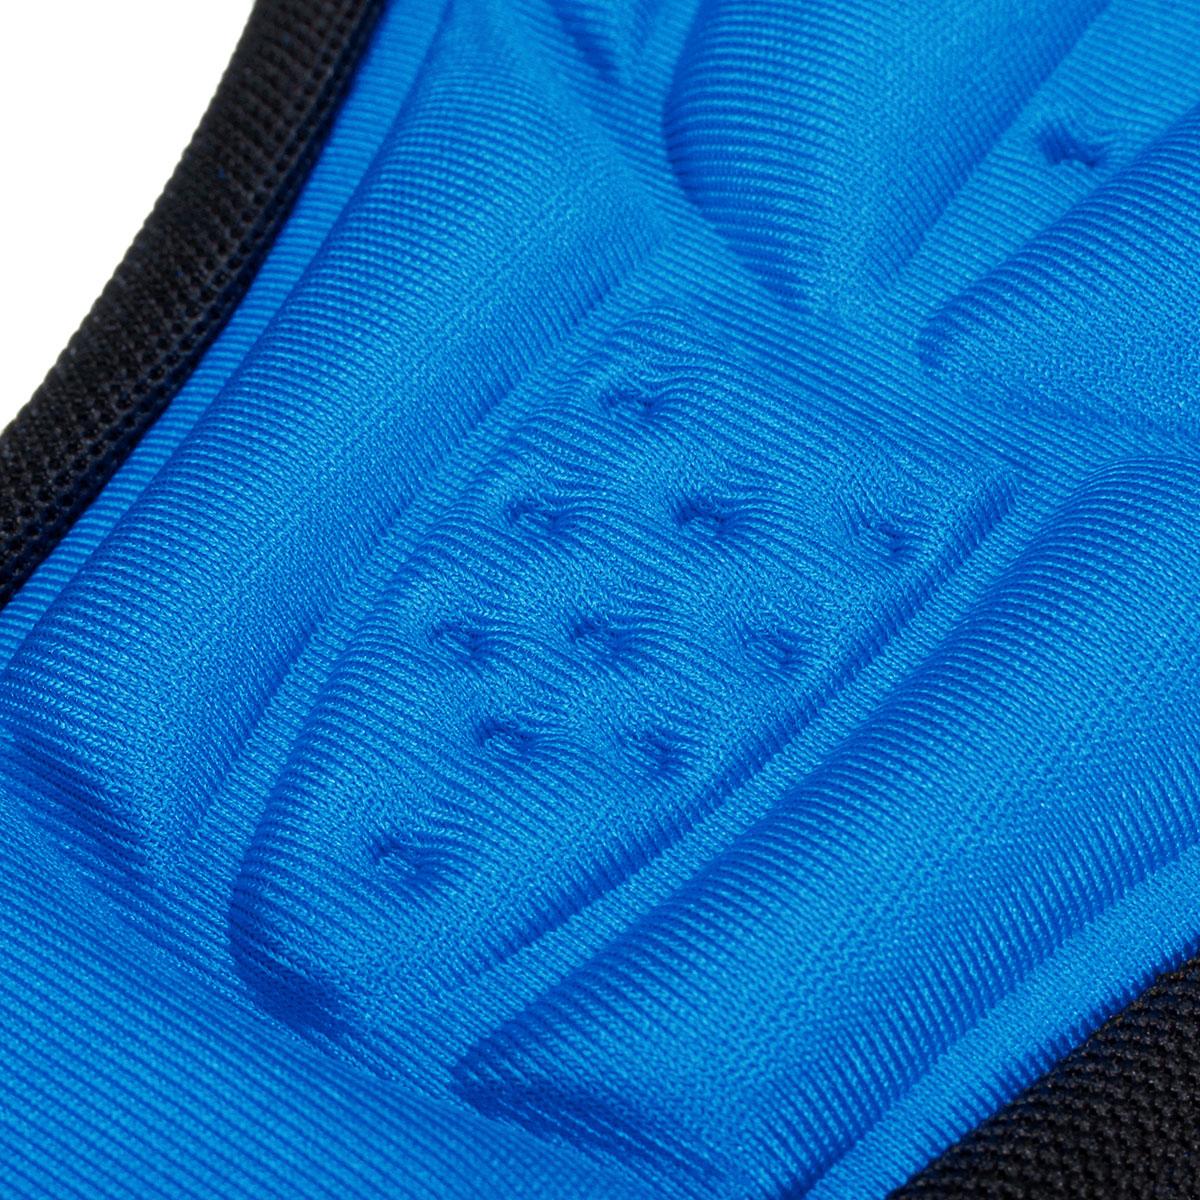 BIKIGHT 3D GEL Bike Seat Comfort Soft Bike Saddle Bicycle Cushion Cover for MTB Road Bike